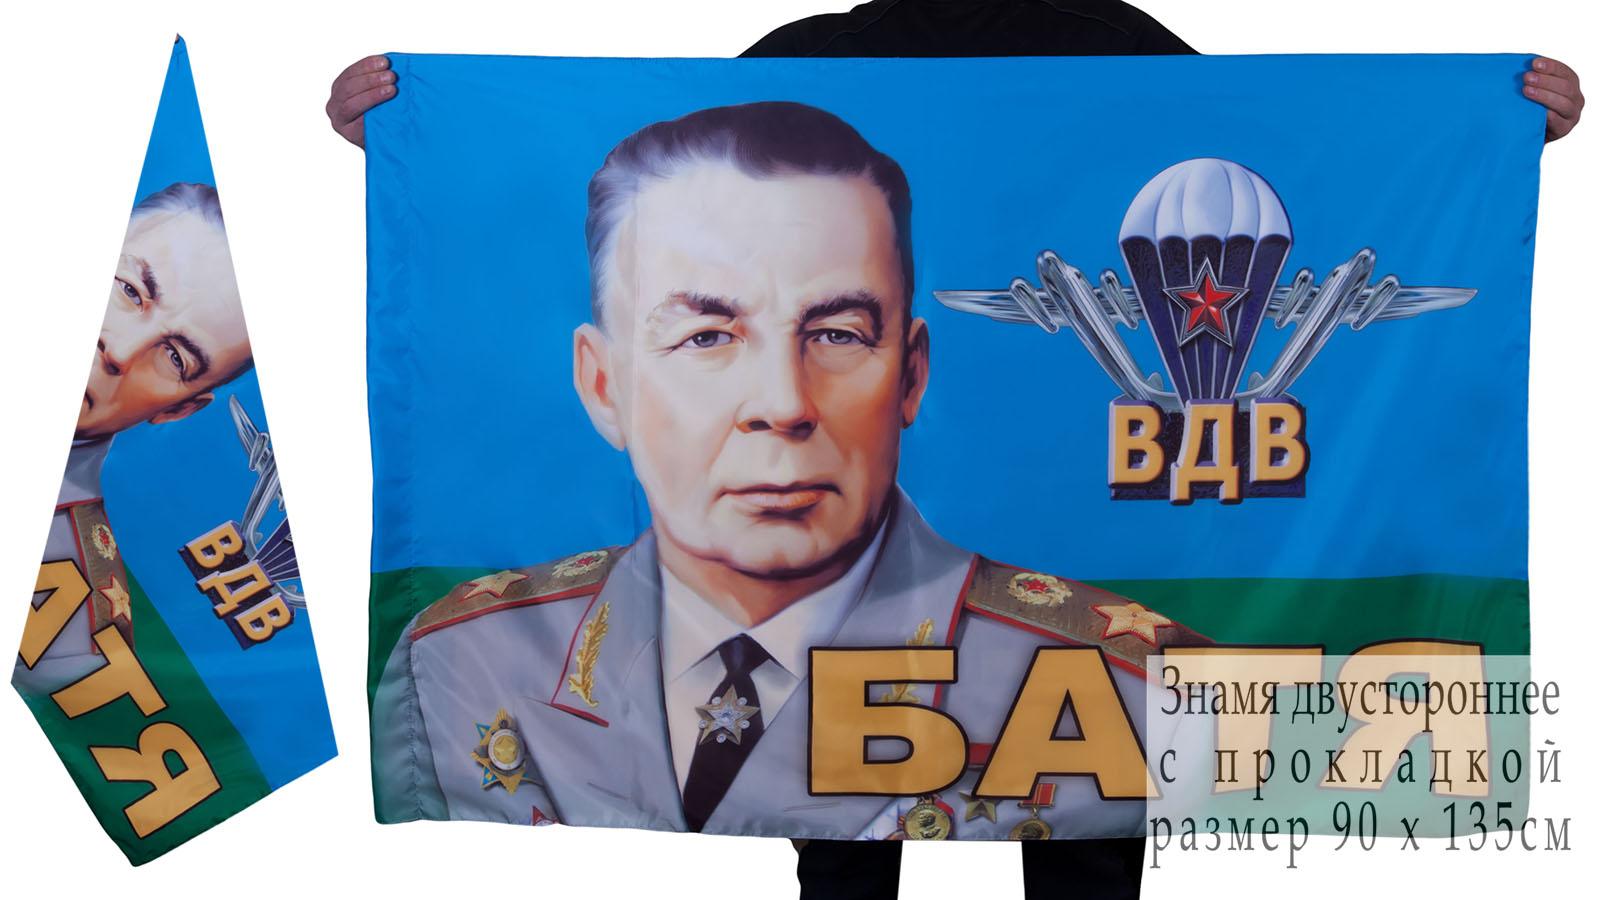 """Флаг """"Батя"""" с Маргеловым"""